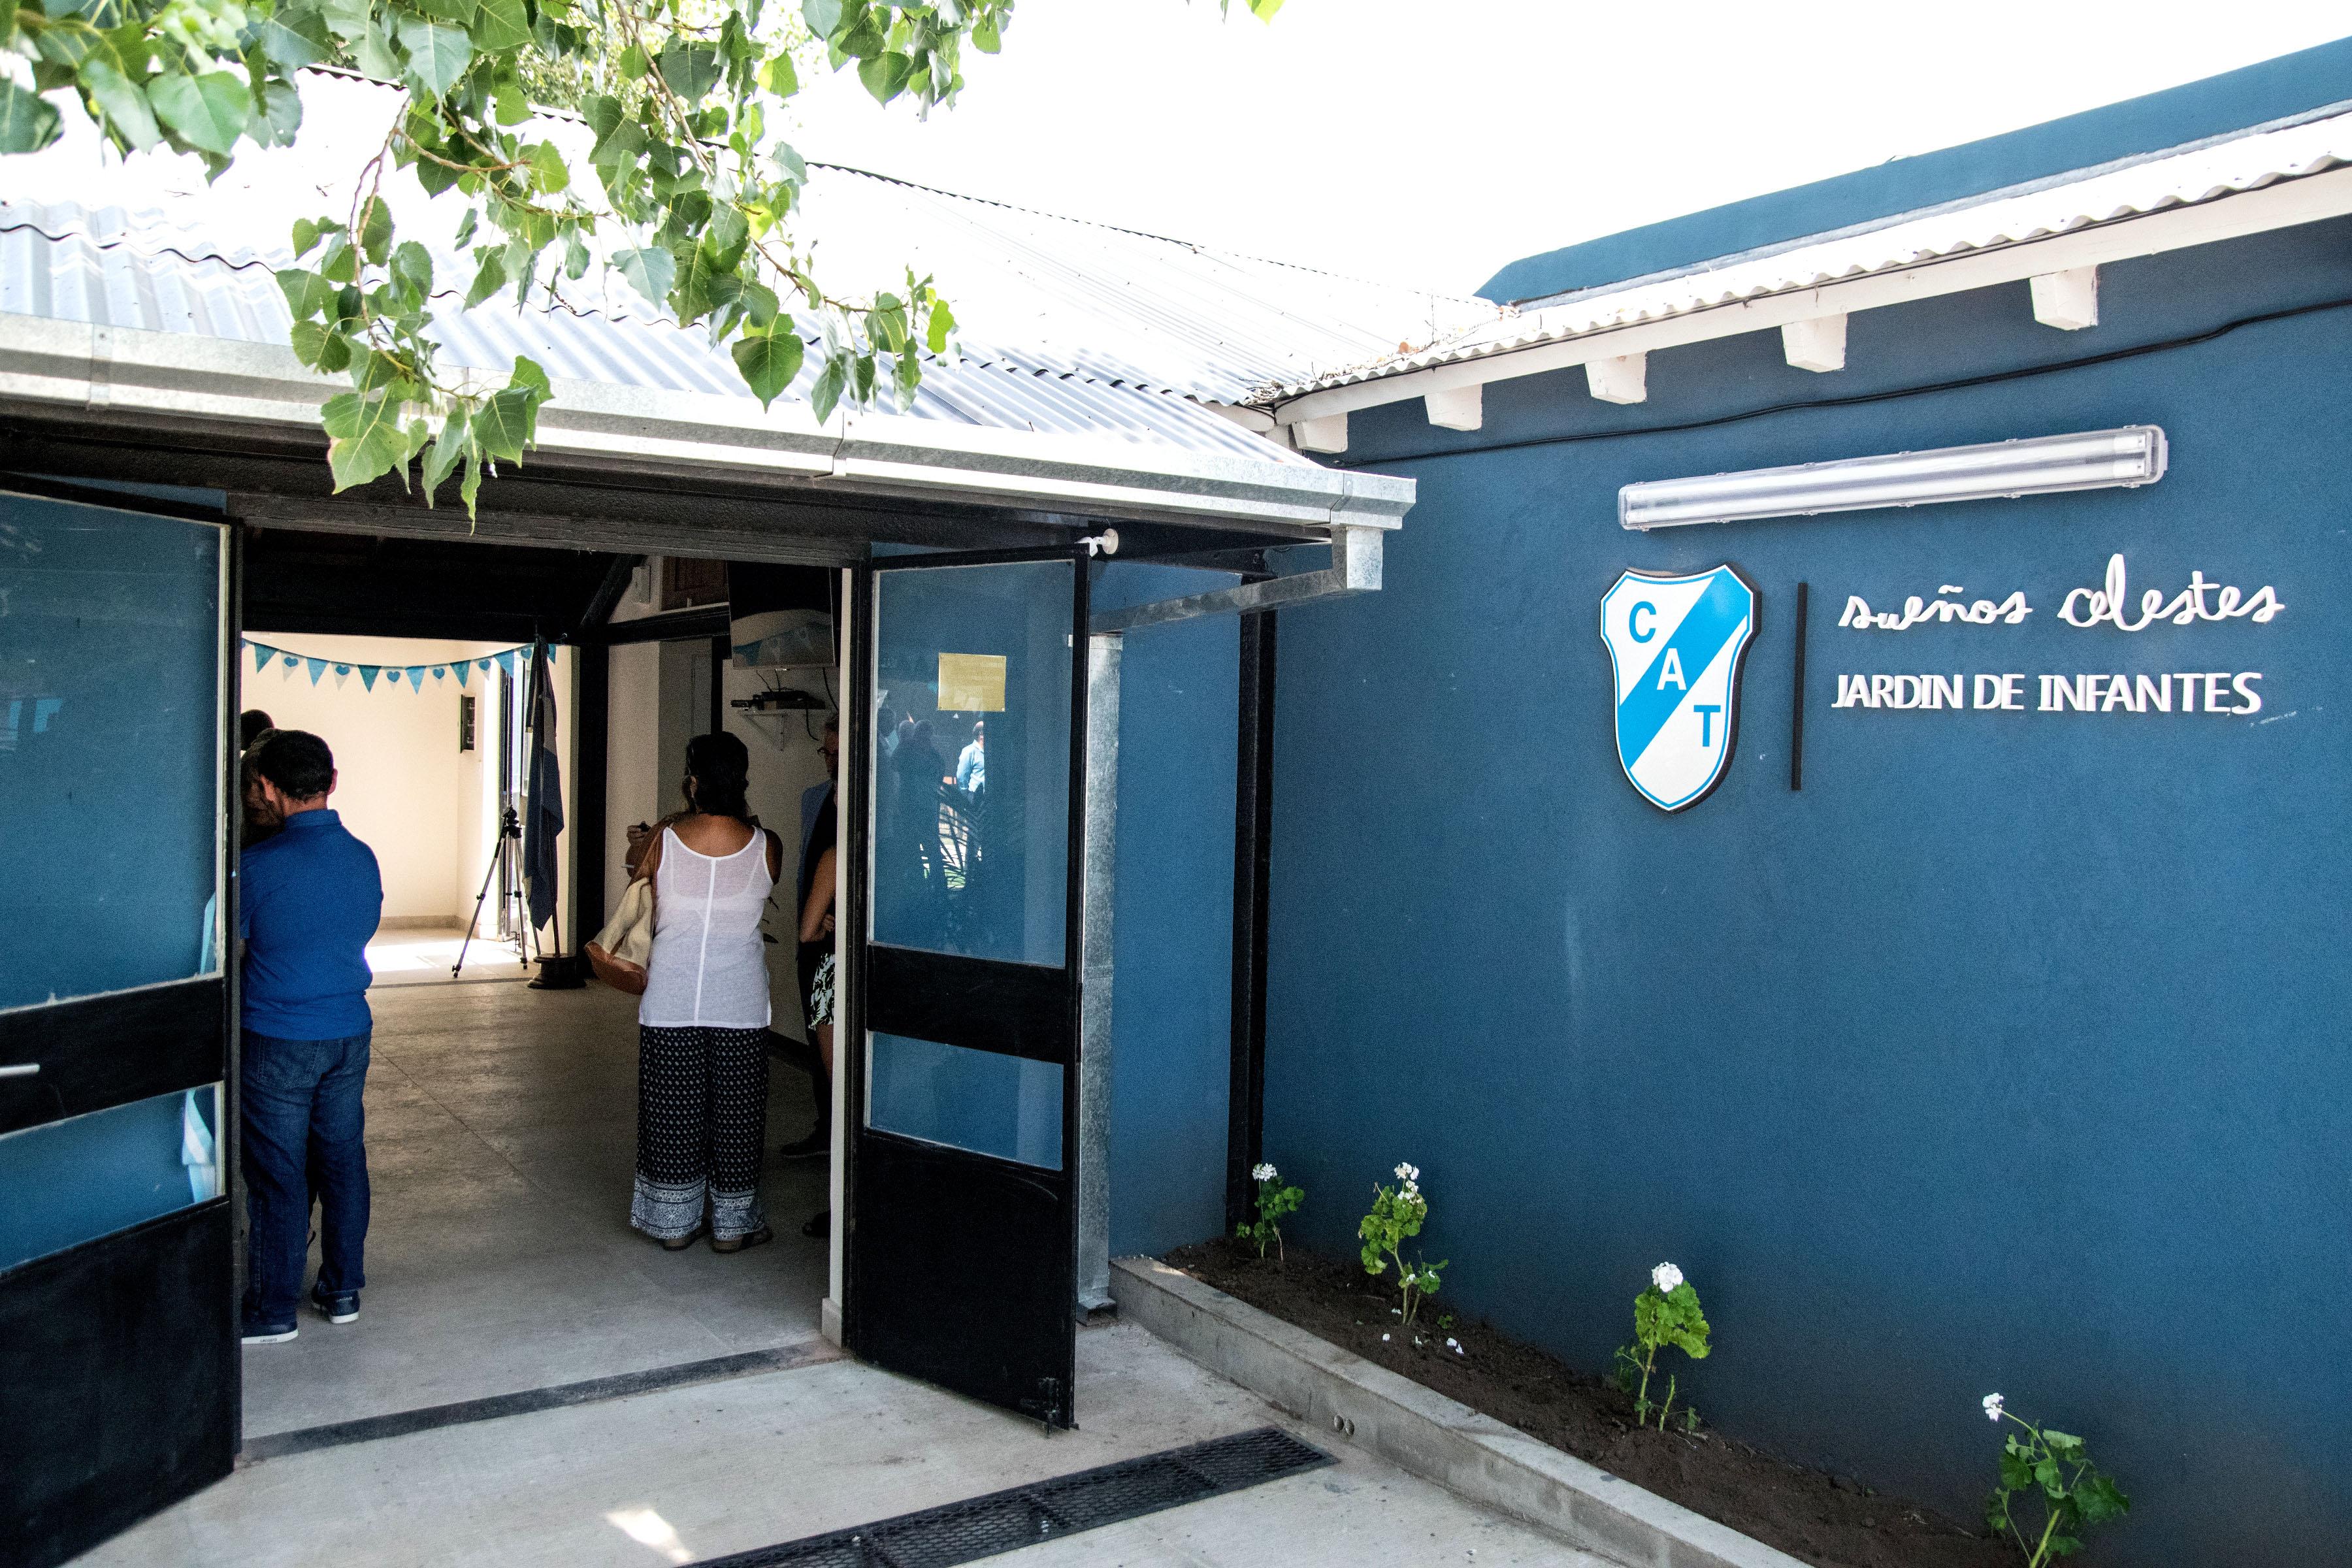 El club Temperley inauguró su jardín de infantes